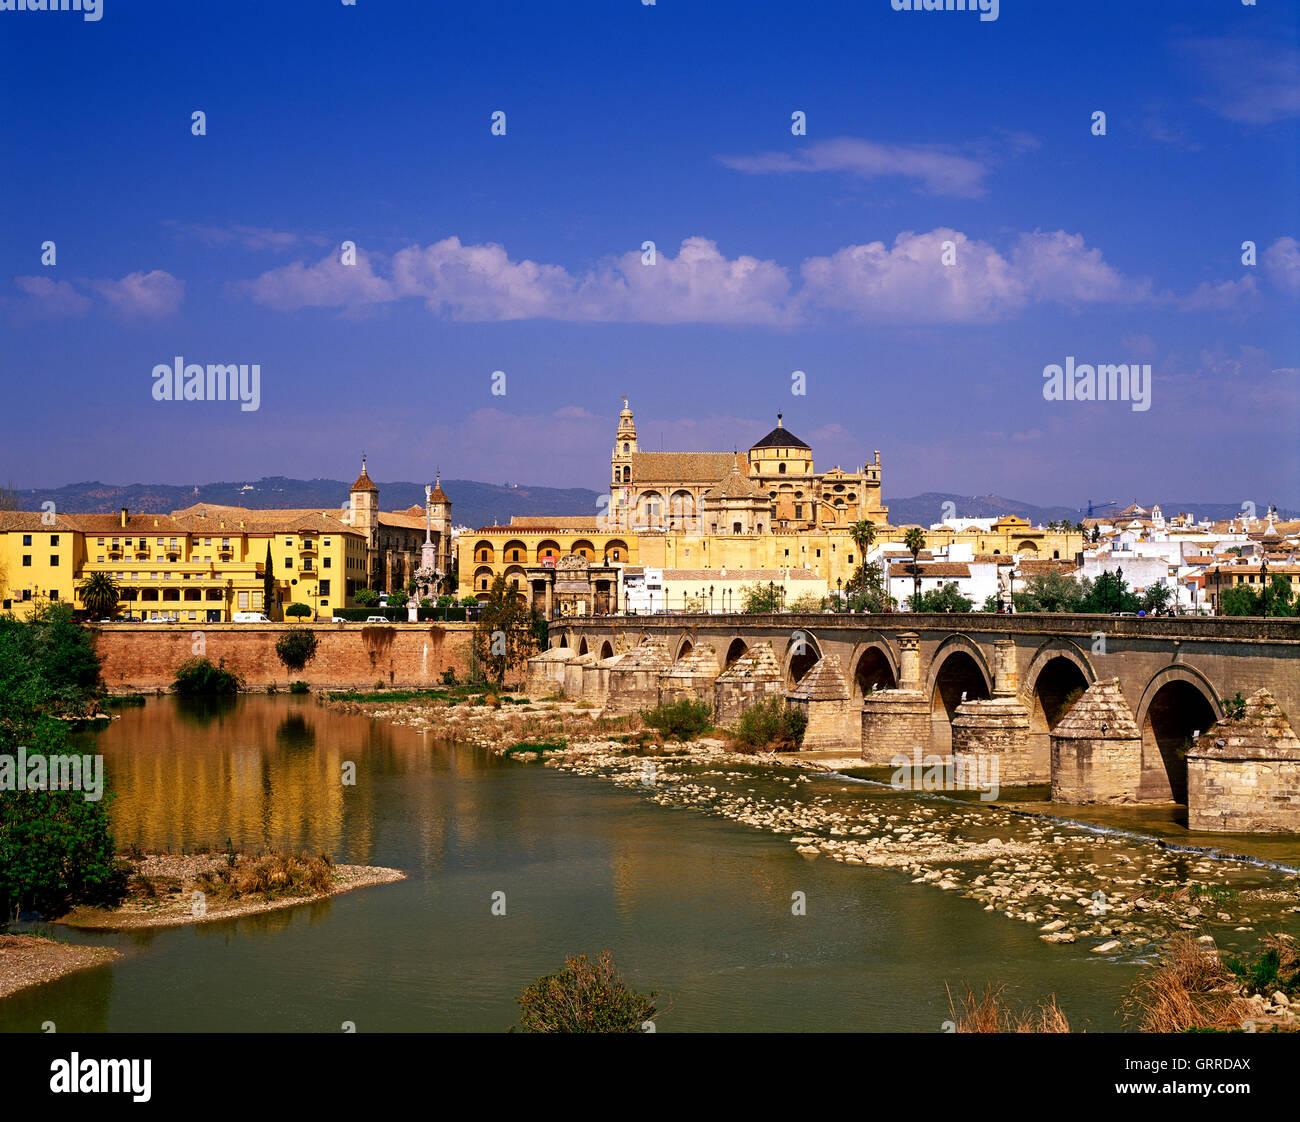 Ponte romano e la Cattedrale, Cordoba, Andalusia, Spagna Immagini Stock